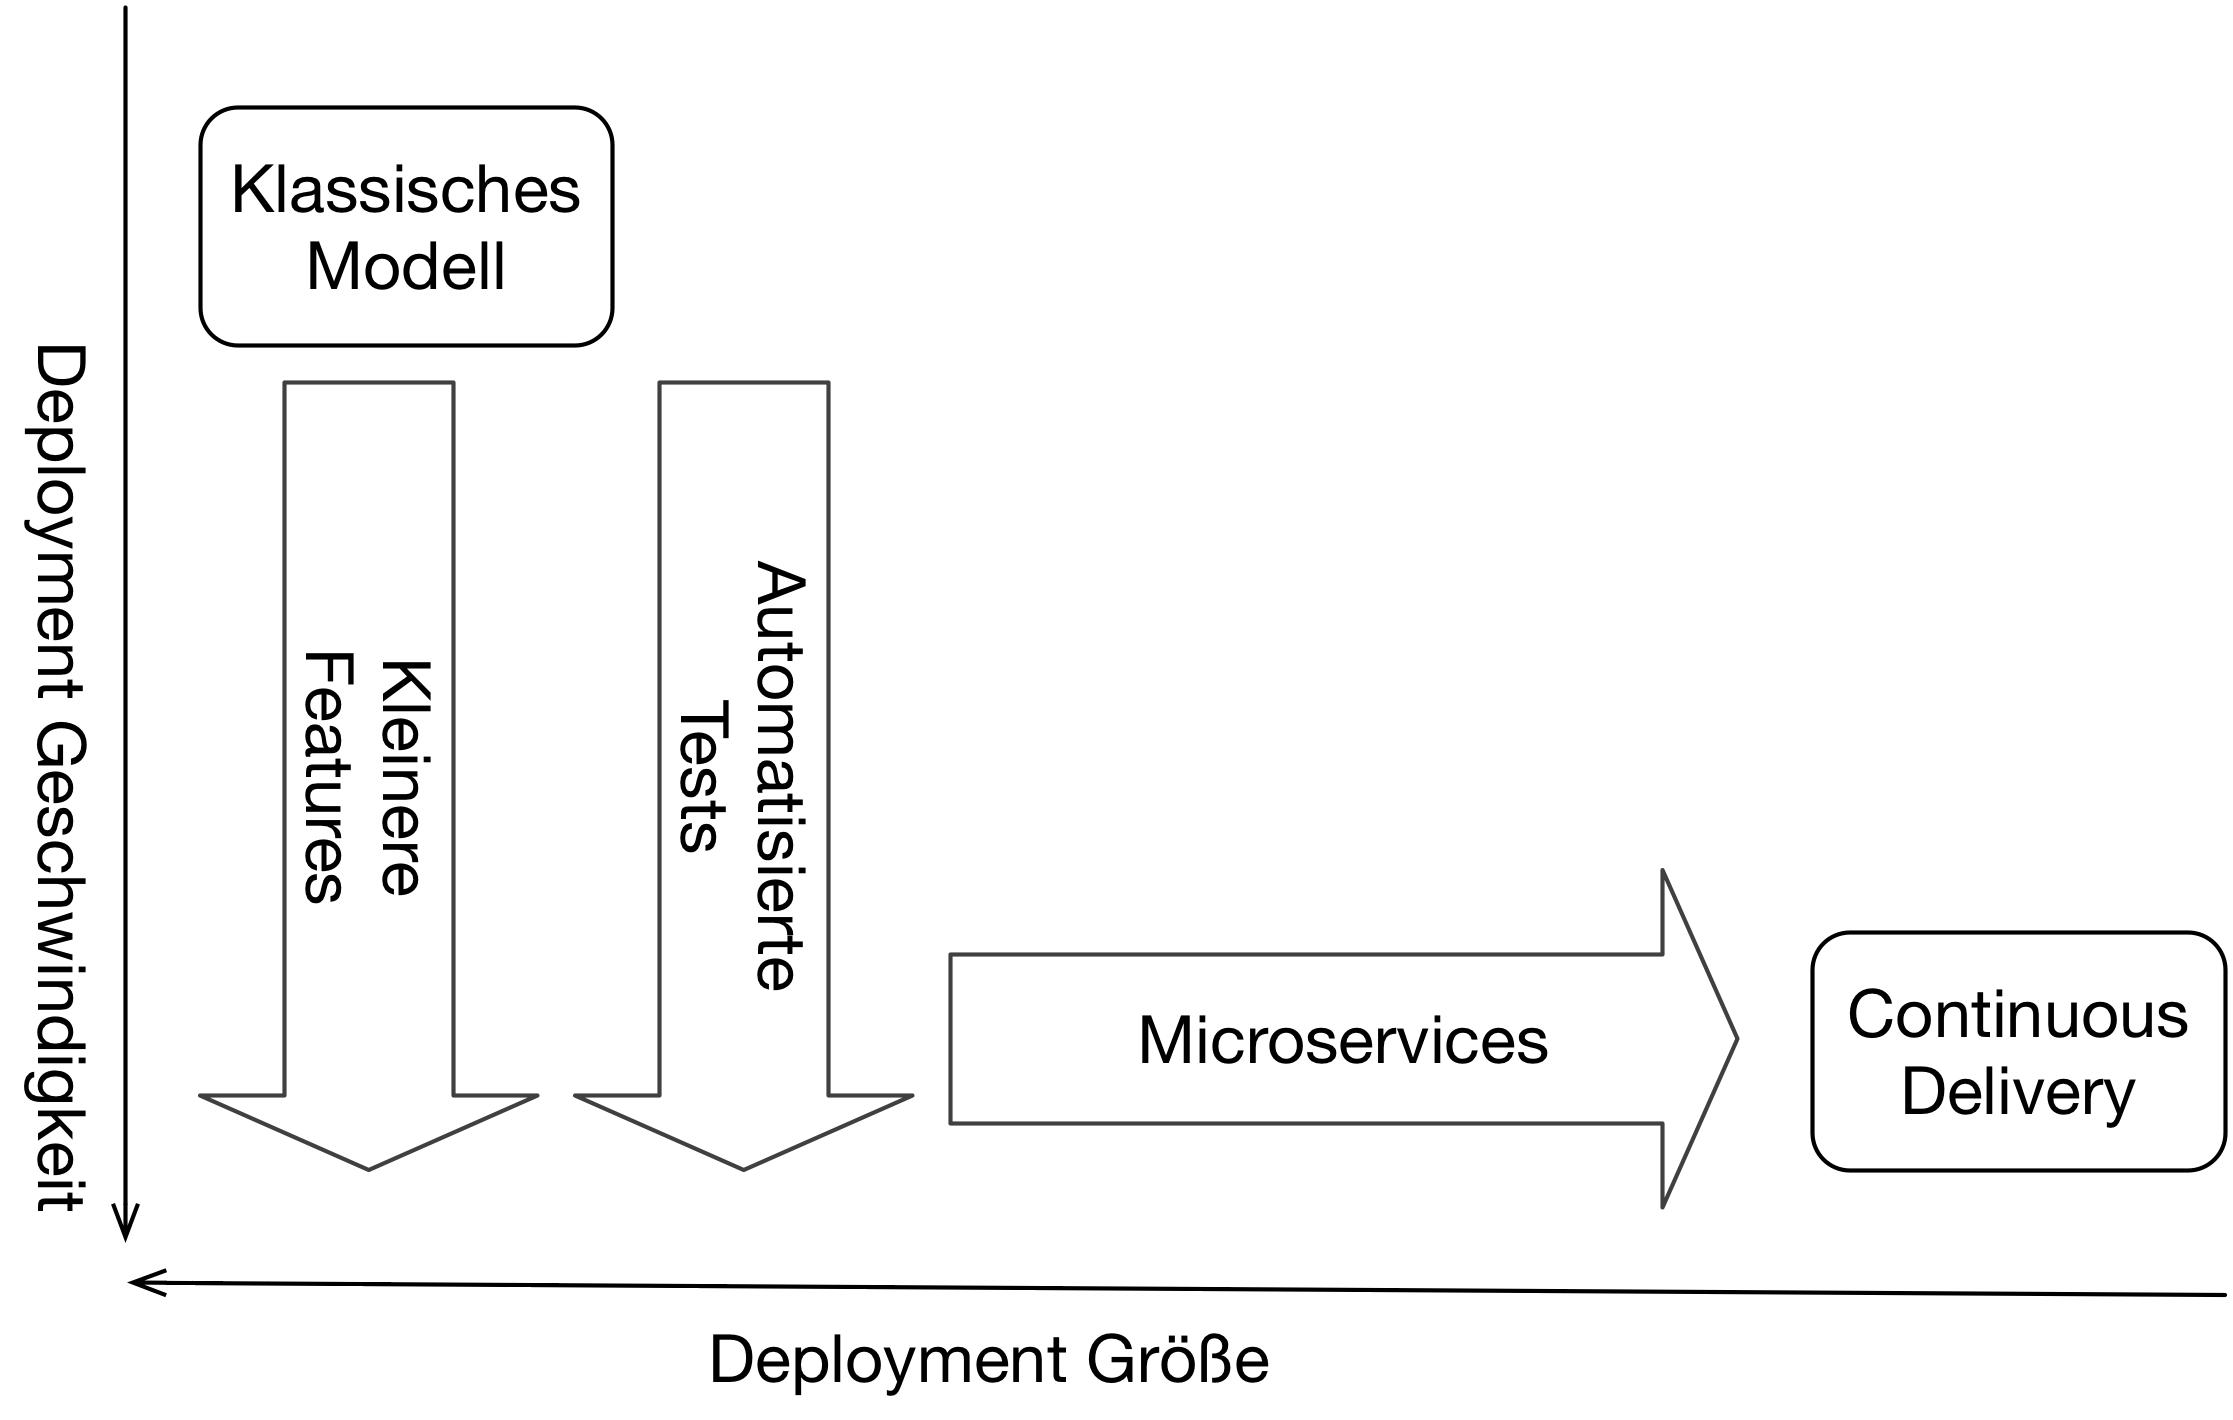 Abb. 2: Kleiner Features und automatisierte Test beschleunigen Deployment. Microservices verringern die Deployment Größe.